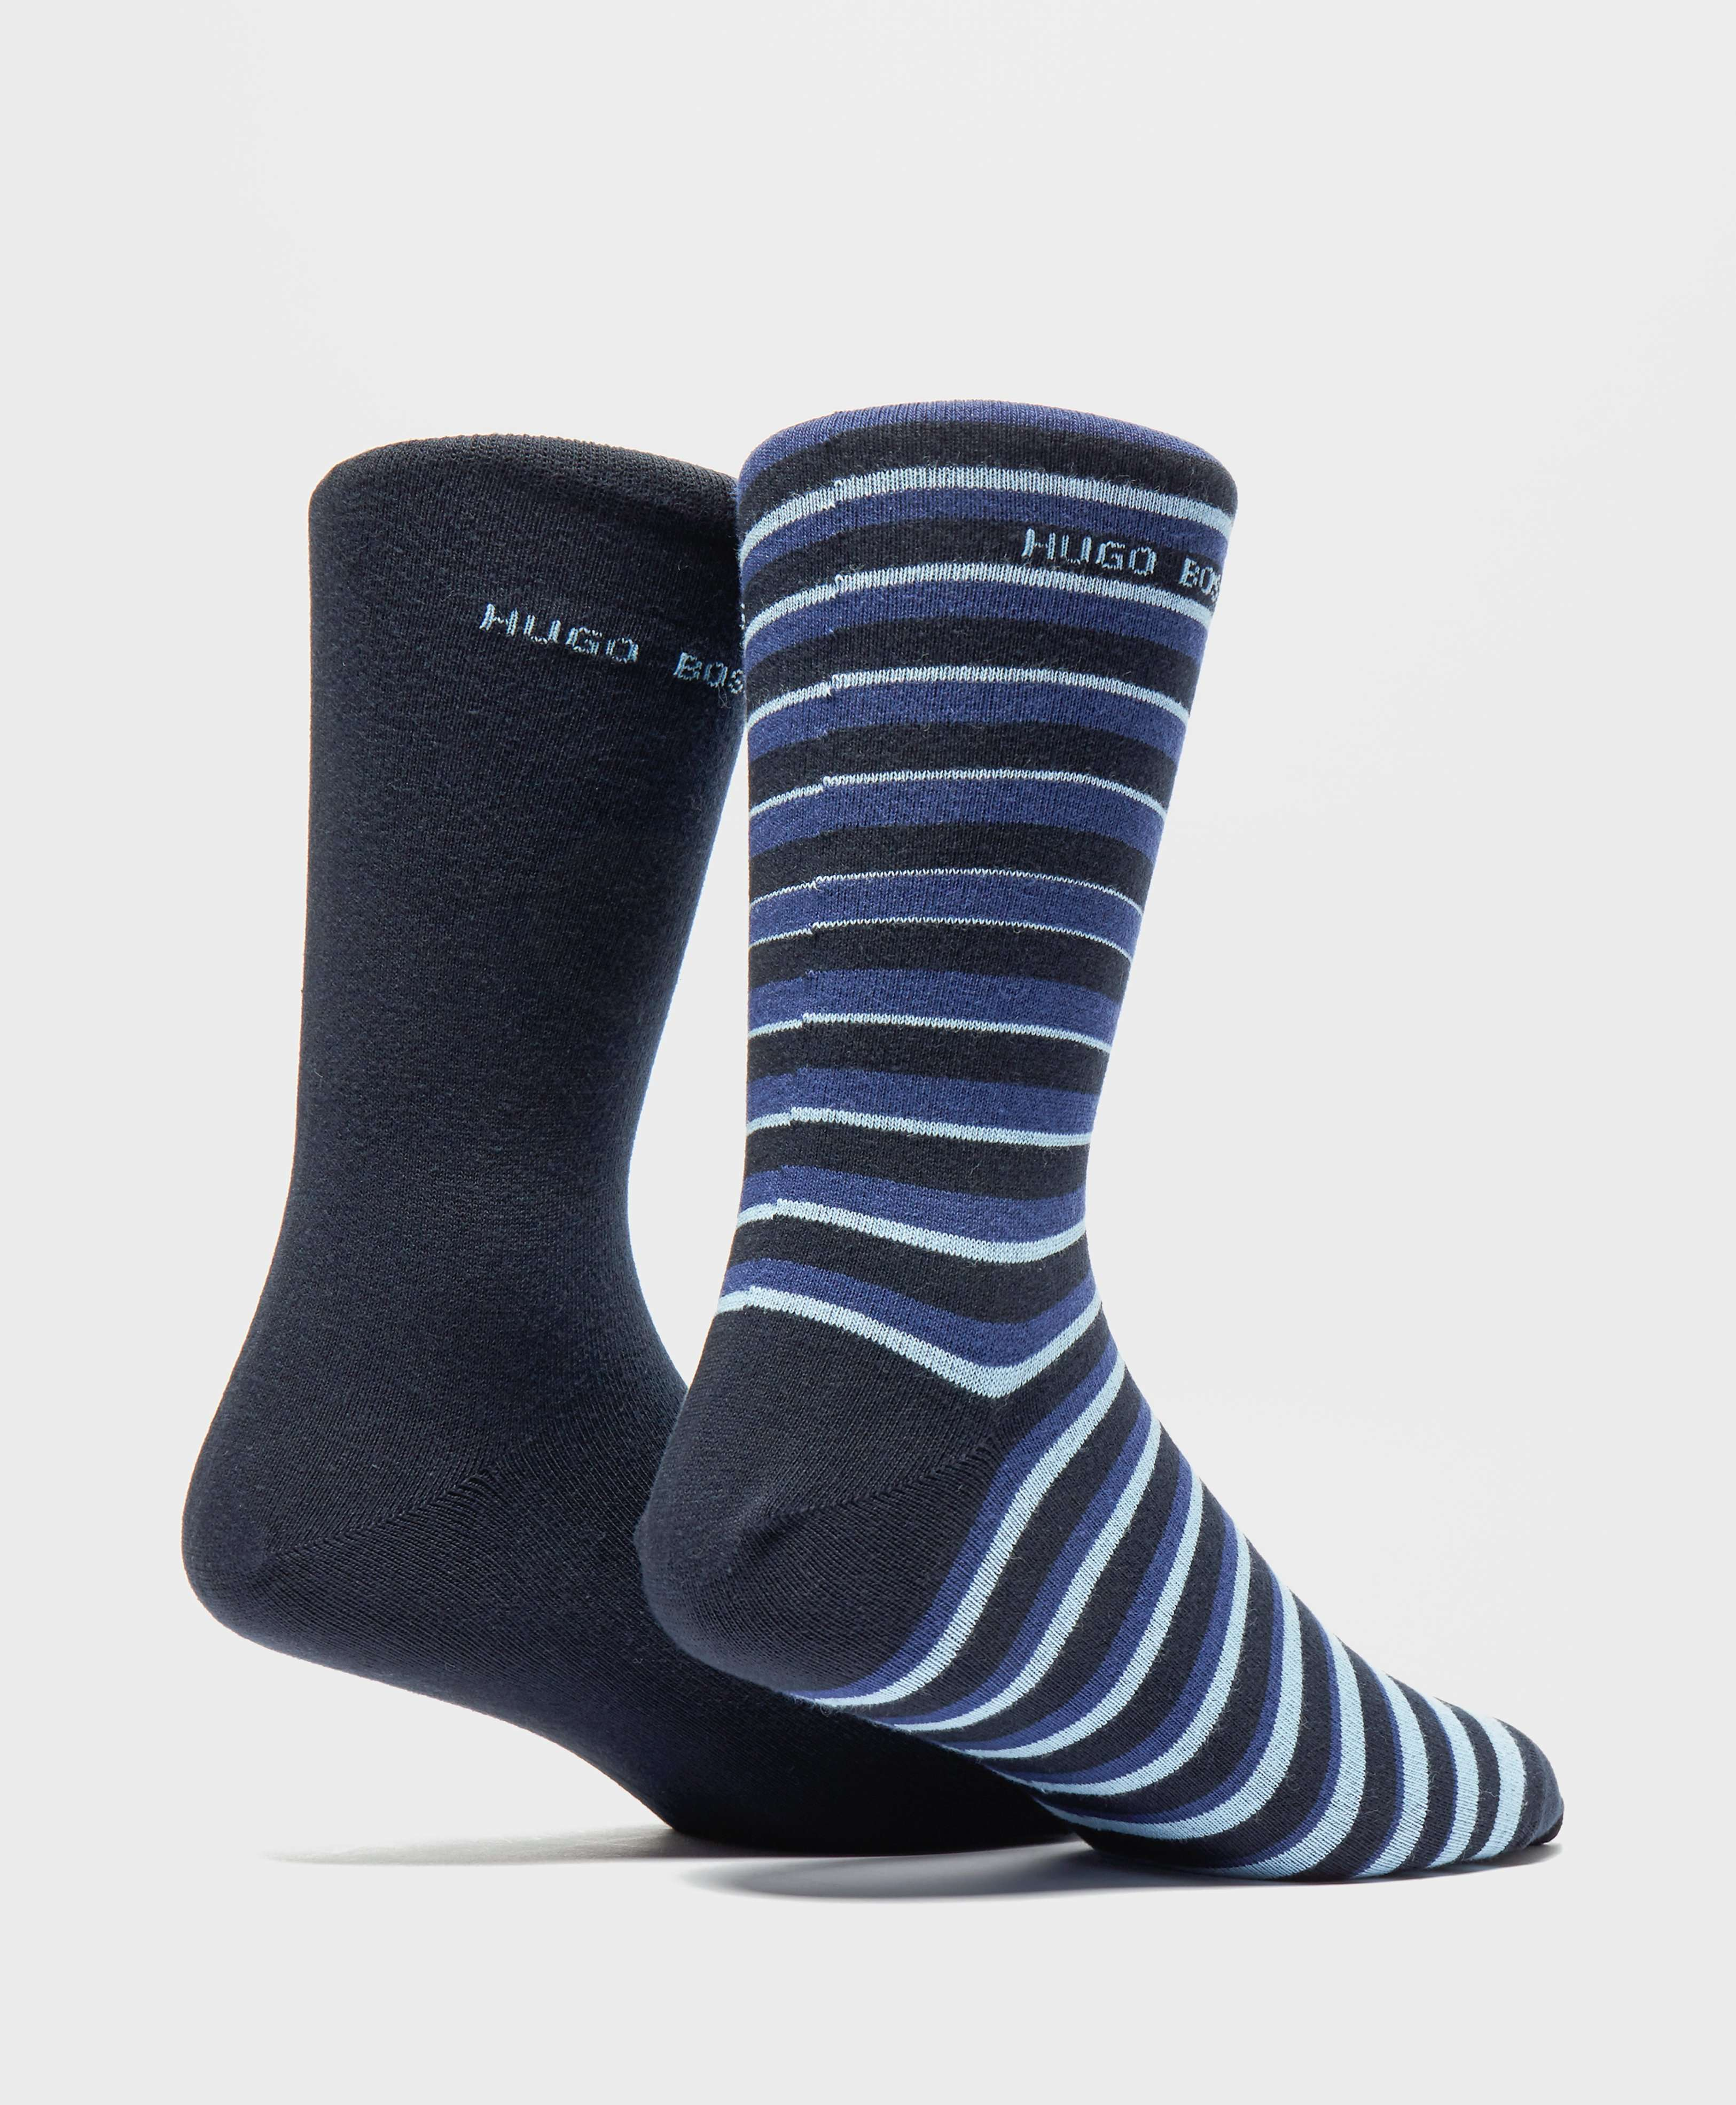 BOSS 2-Pack Socks